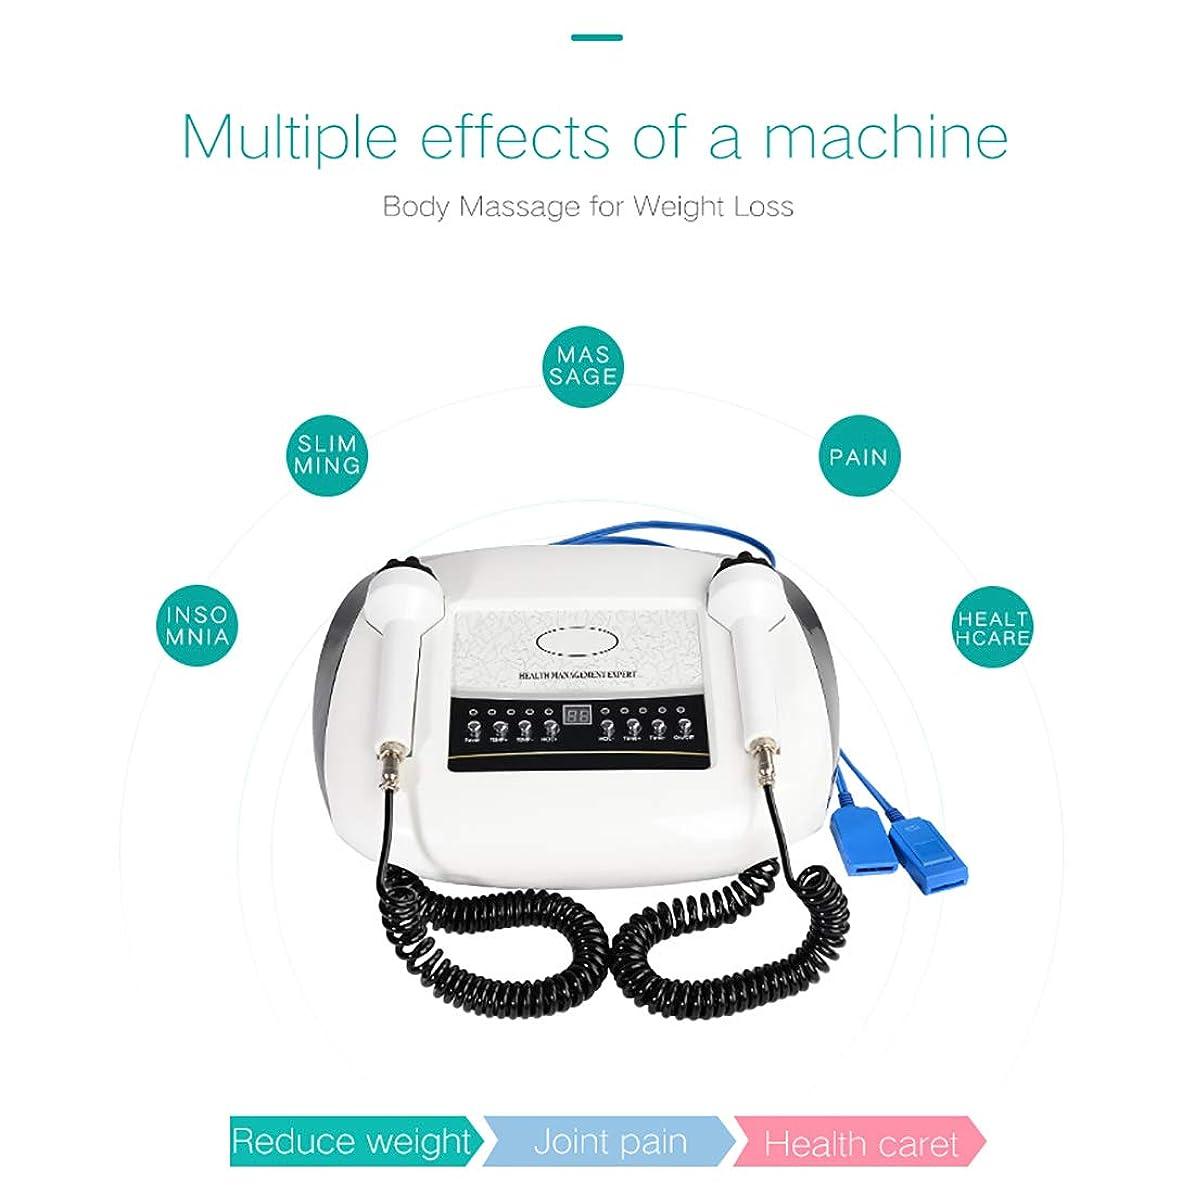 永遠に圧縮バケツ体脂肪リムーバーマシン、デバイスマッサージャーを締め付け減量ソニックブルーとレッドライトスキンのためのEMSスリミングマッサージ